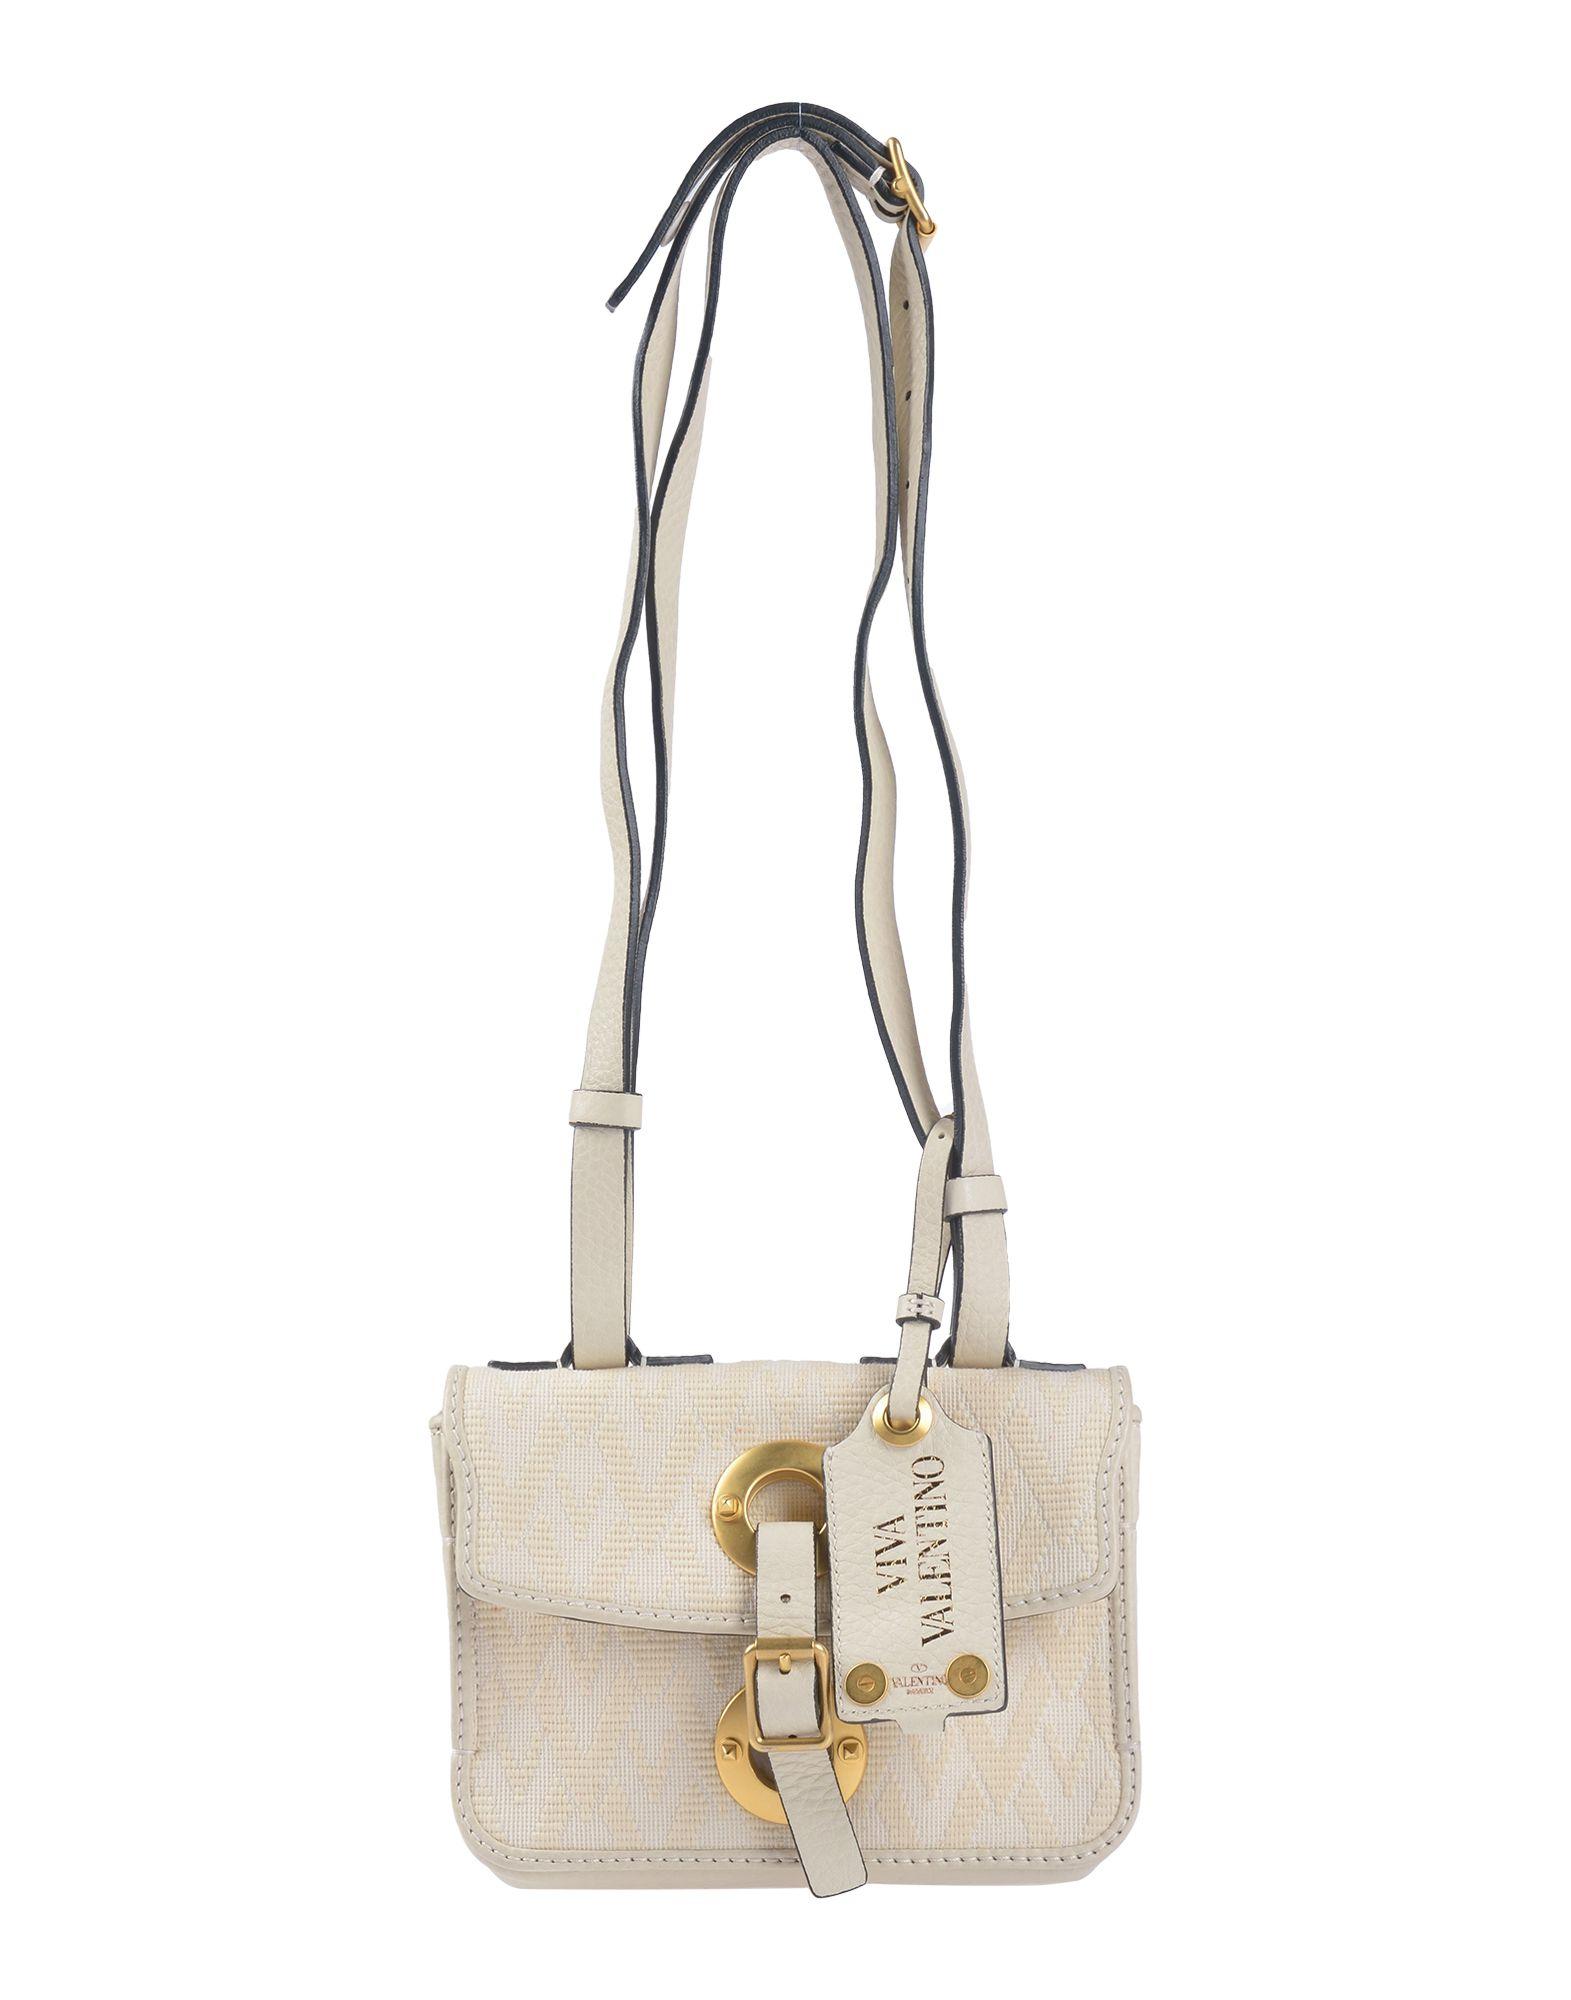 《送料無料》VALENTINO GARAVANI レディース 肩掛けバッグ アイボリー 革 / 紡績繊維